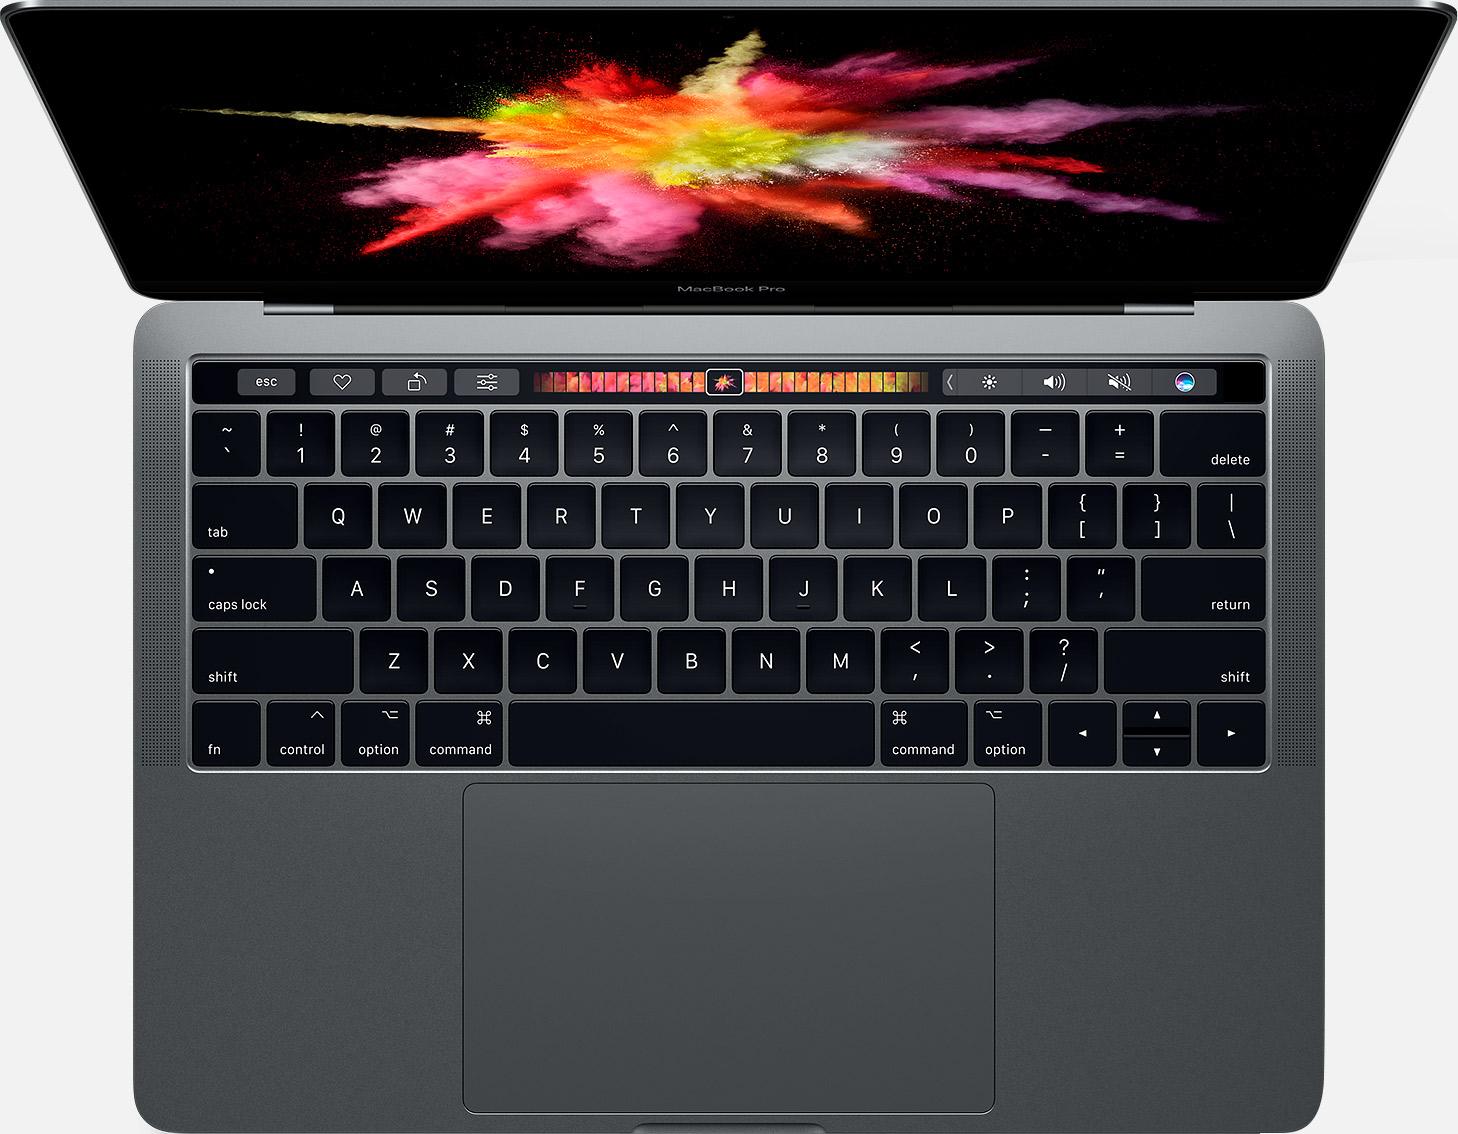 hight resolution of la macbook pro es incre blemente delgada ligera y m s r pida y poderosa que nunca tiene la pantalla de notebook mac m s brillante y con m s colores de